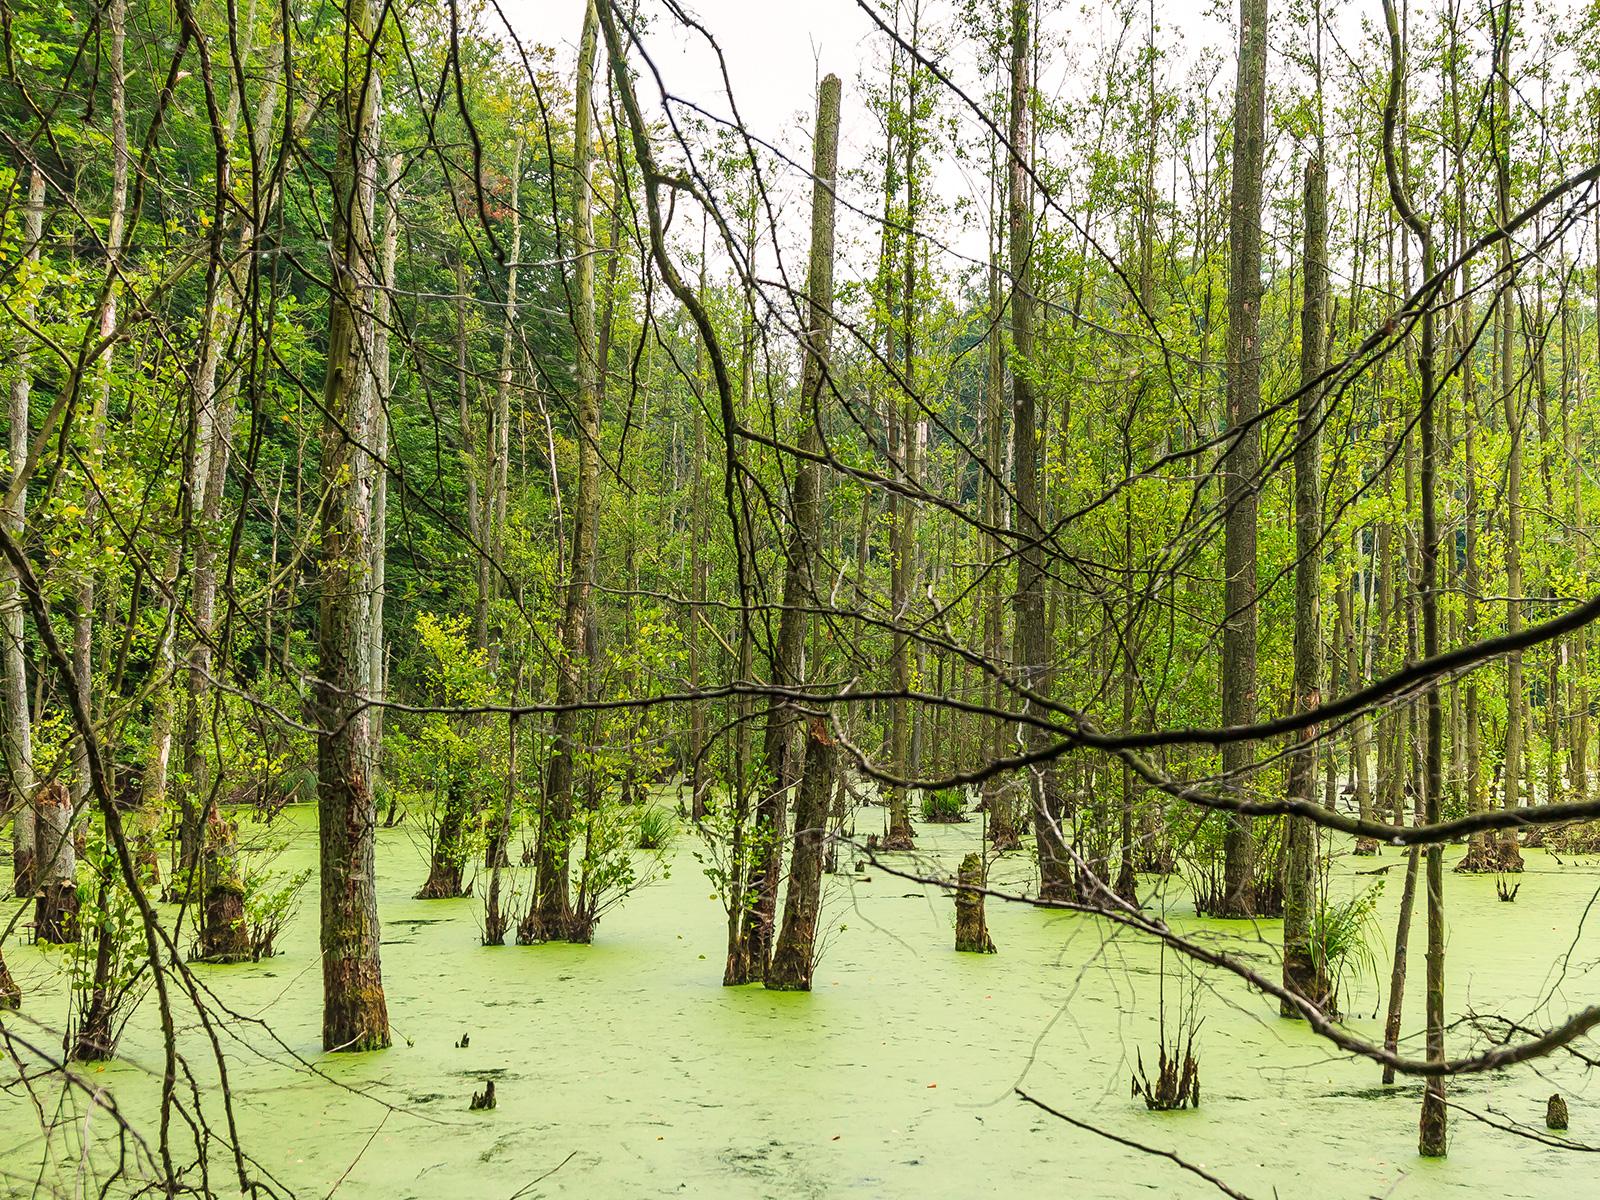 Erlen-Bruchwald mit hohem Anteil an Biotopbäumen